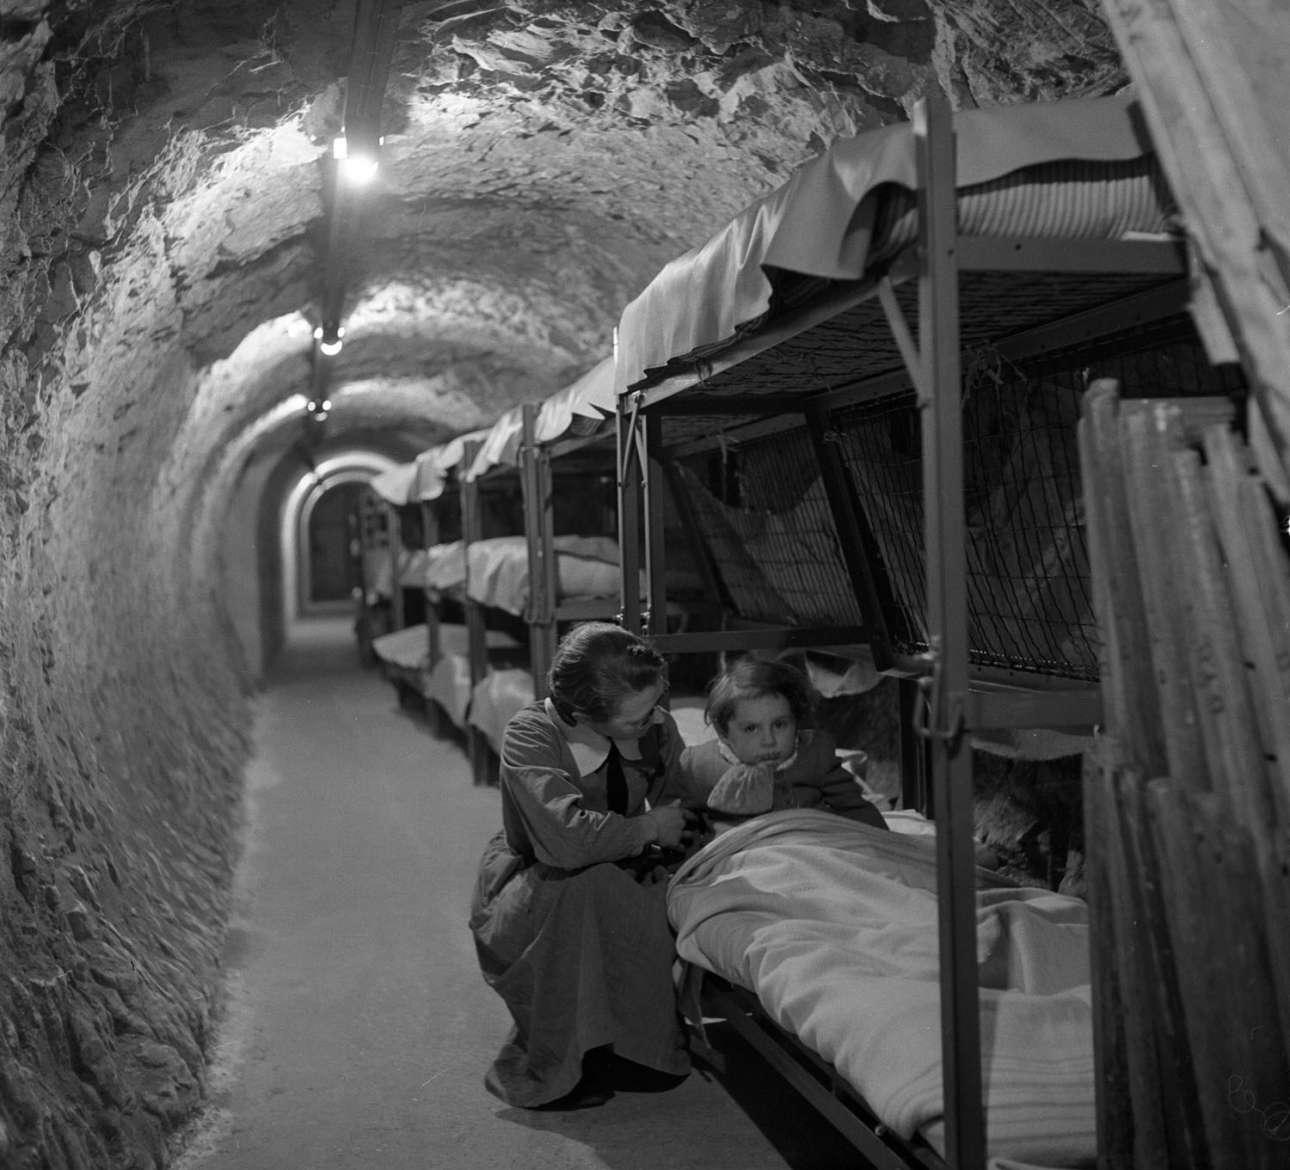 Στα υπόγεια τούνελ του Λονδίνου, κατά τη διάρκεια των βομβαρδισμών του Β' Παγκοσμίου Πολέμου, τον Ιανουάριο του 1945